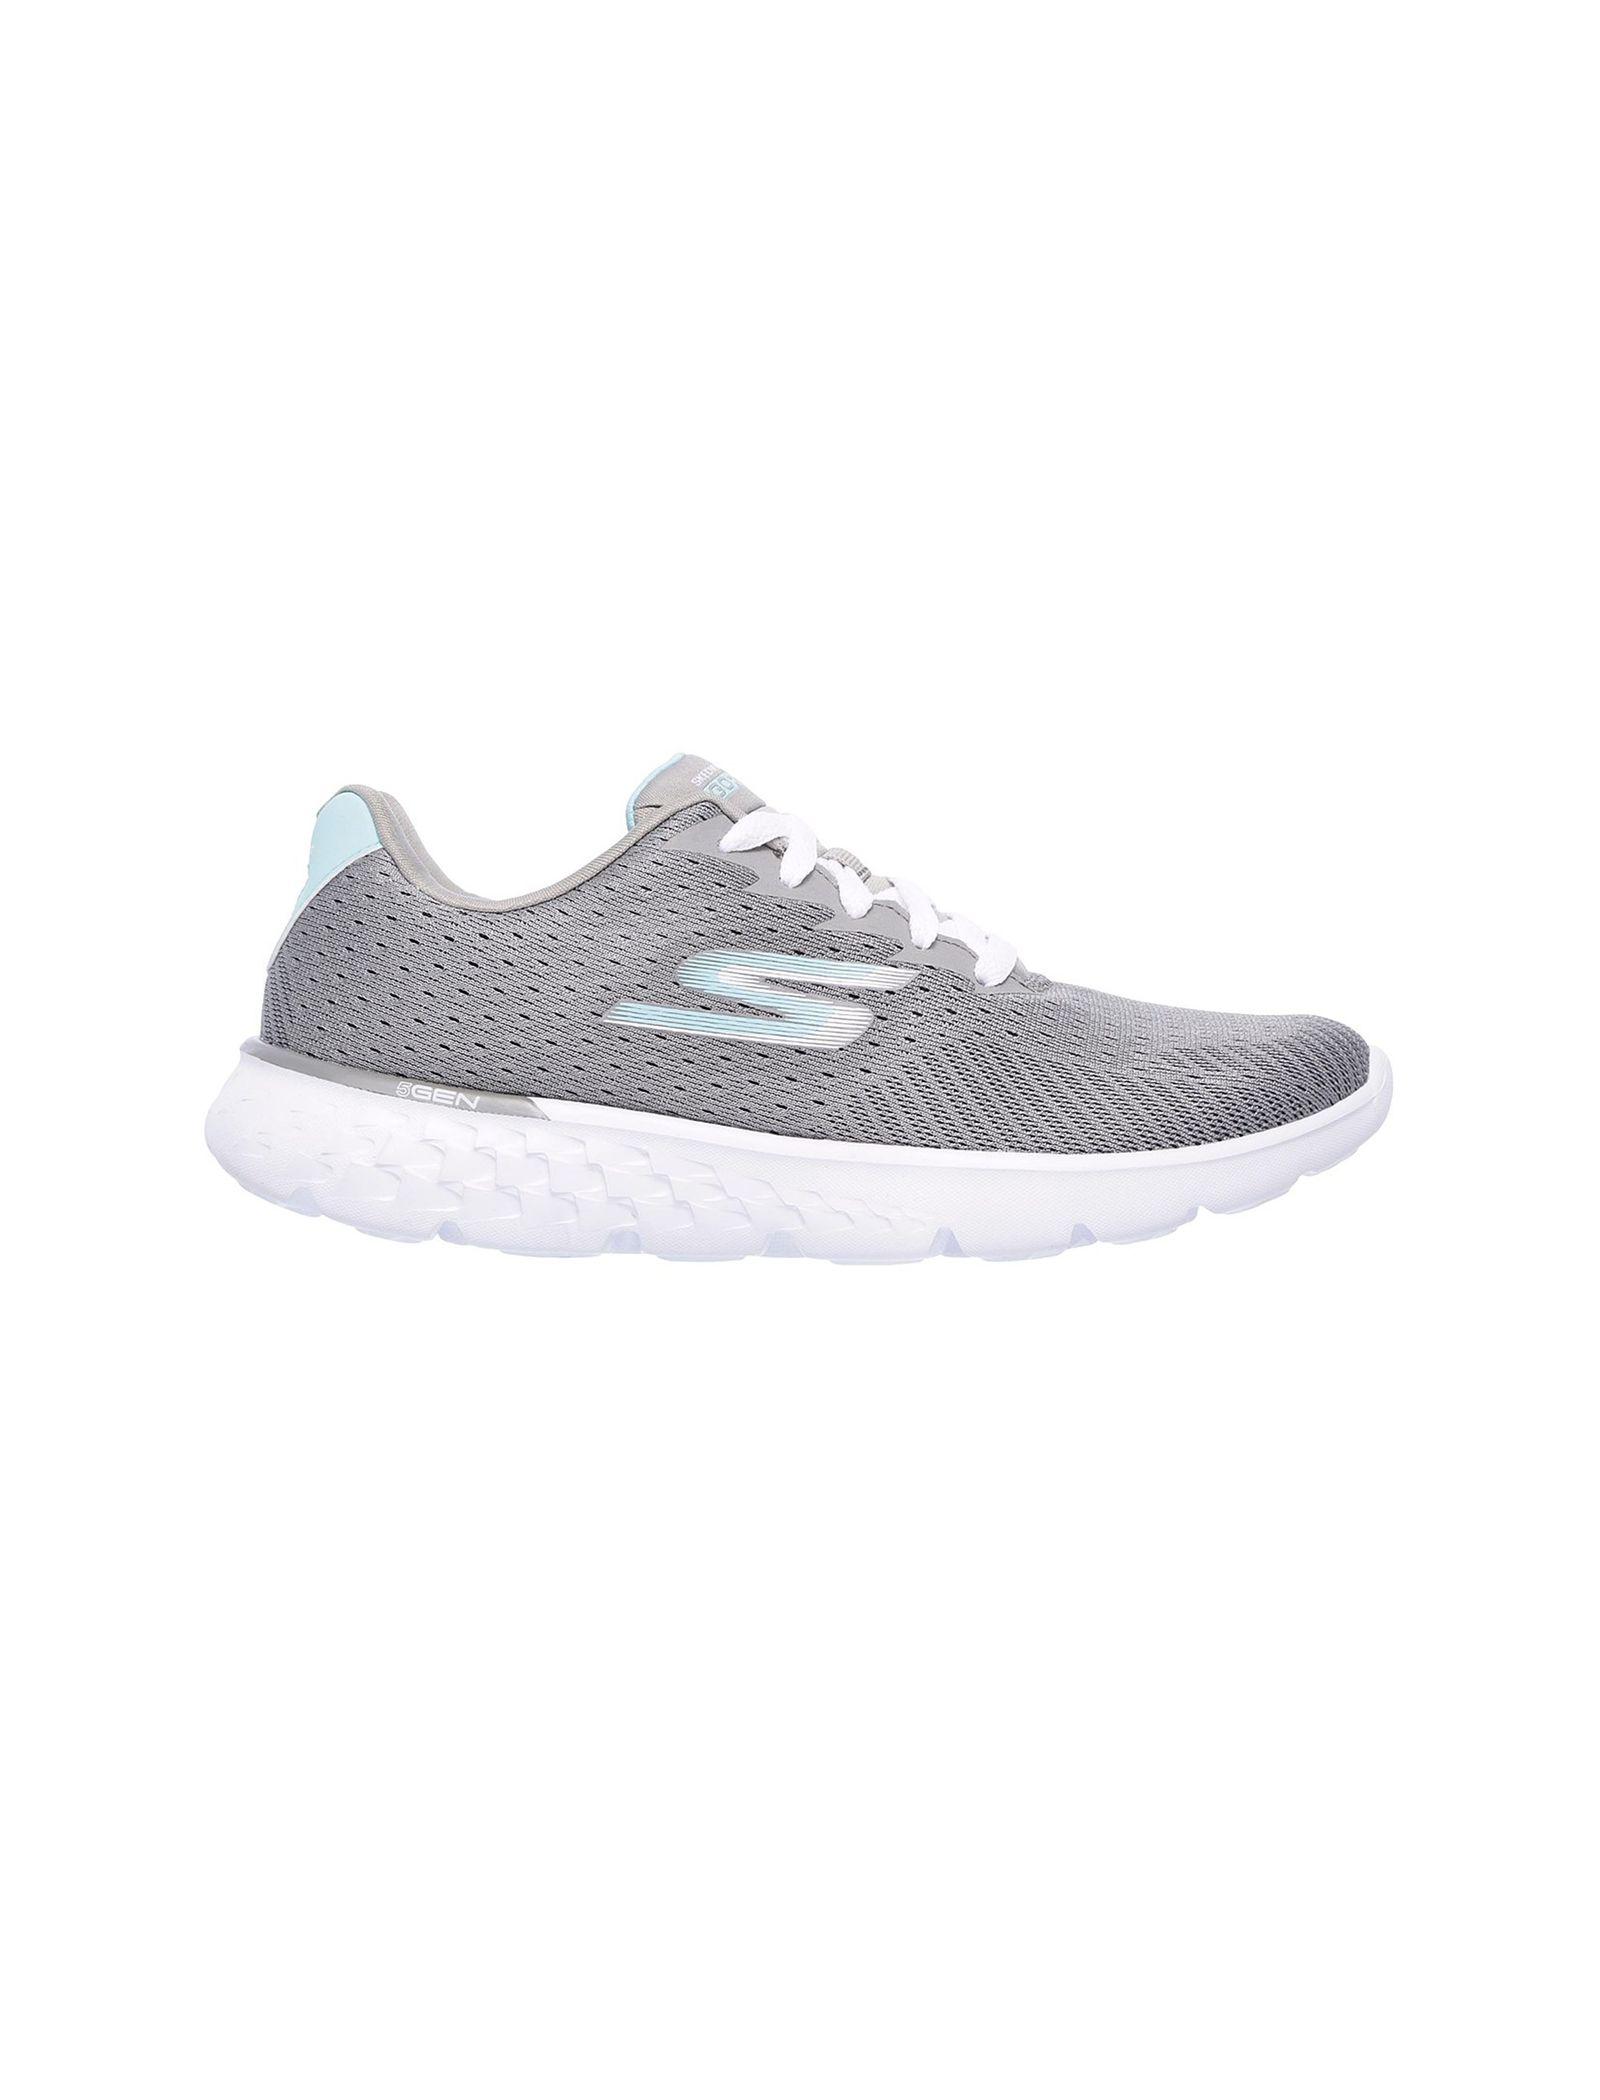 کفش دویدن بندی زنانه GoRun 400 Sole - اسکچرز - طوسي - 1